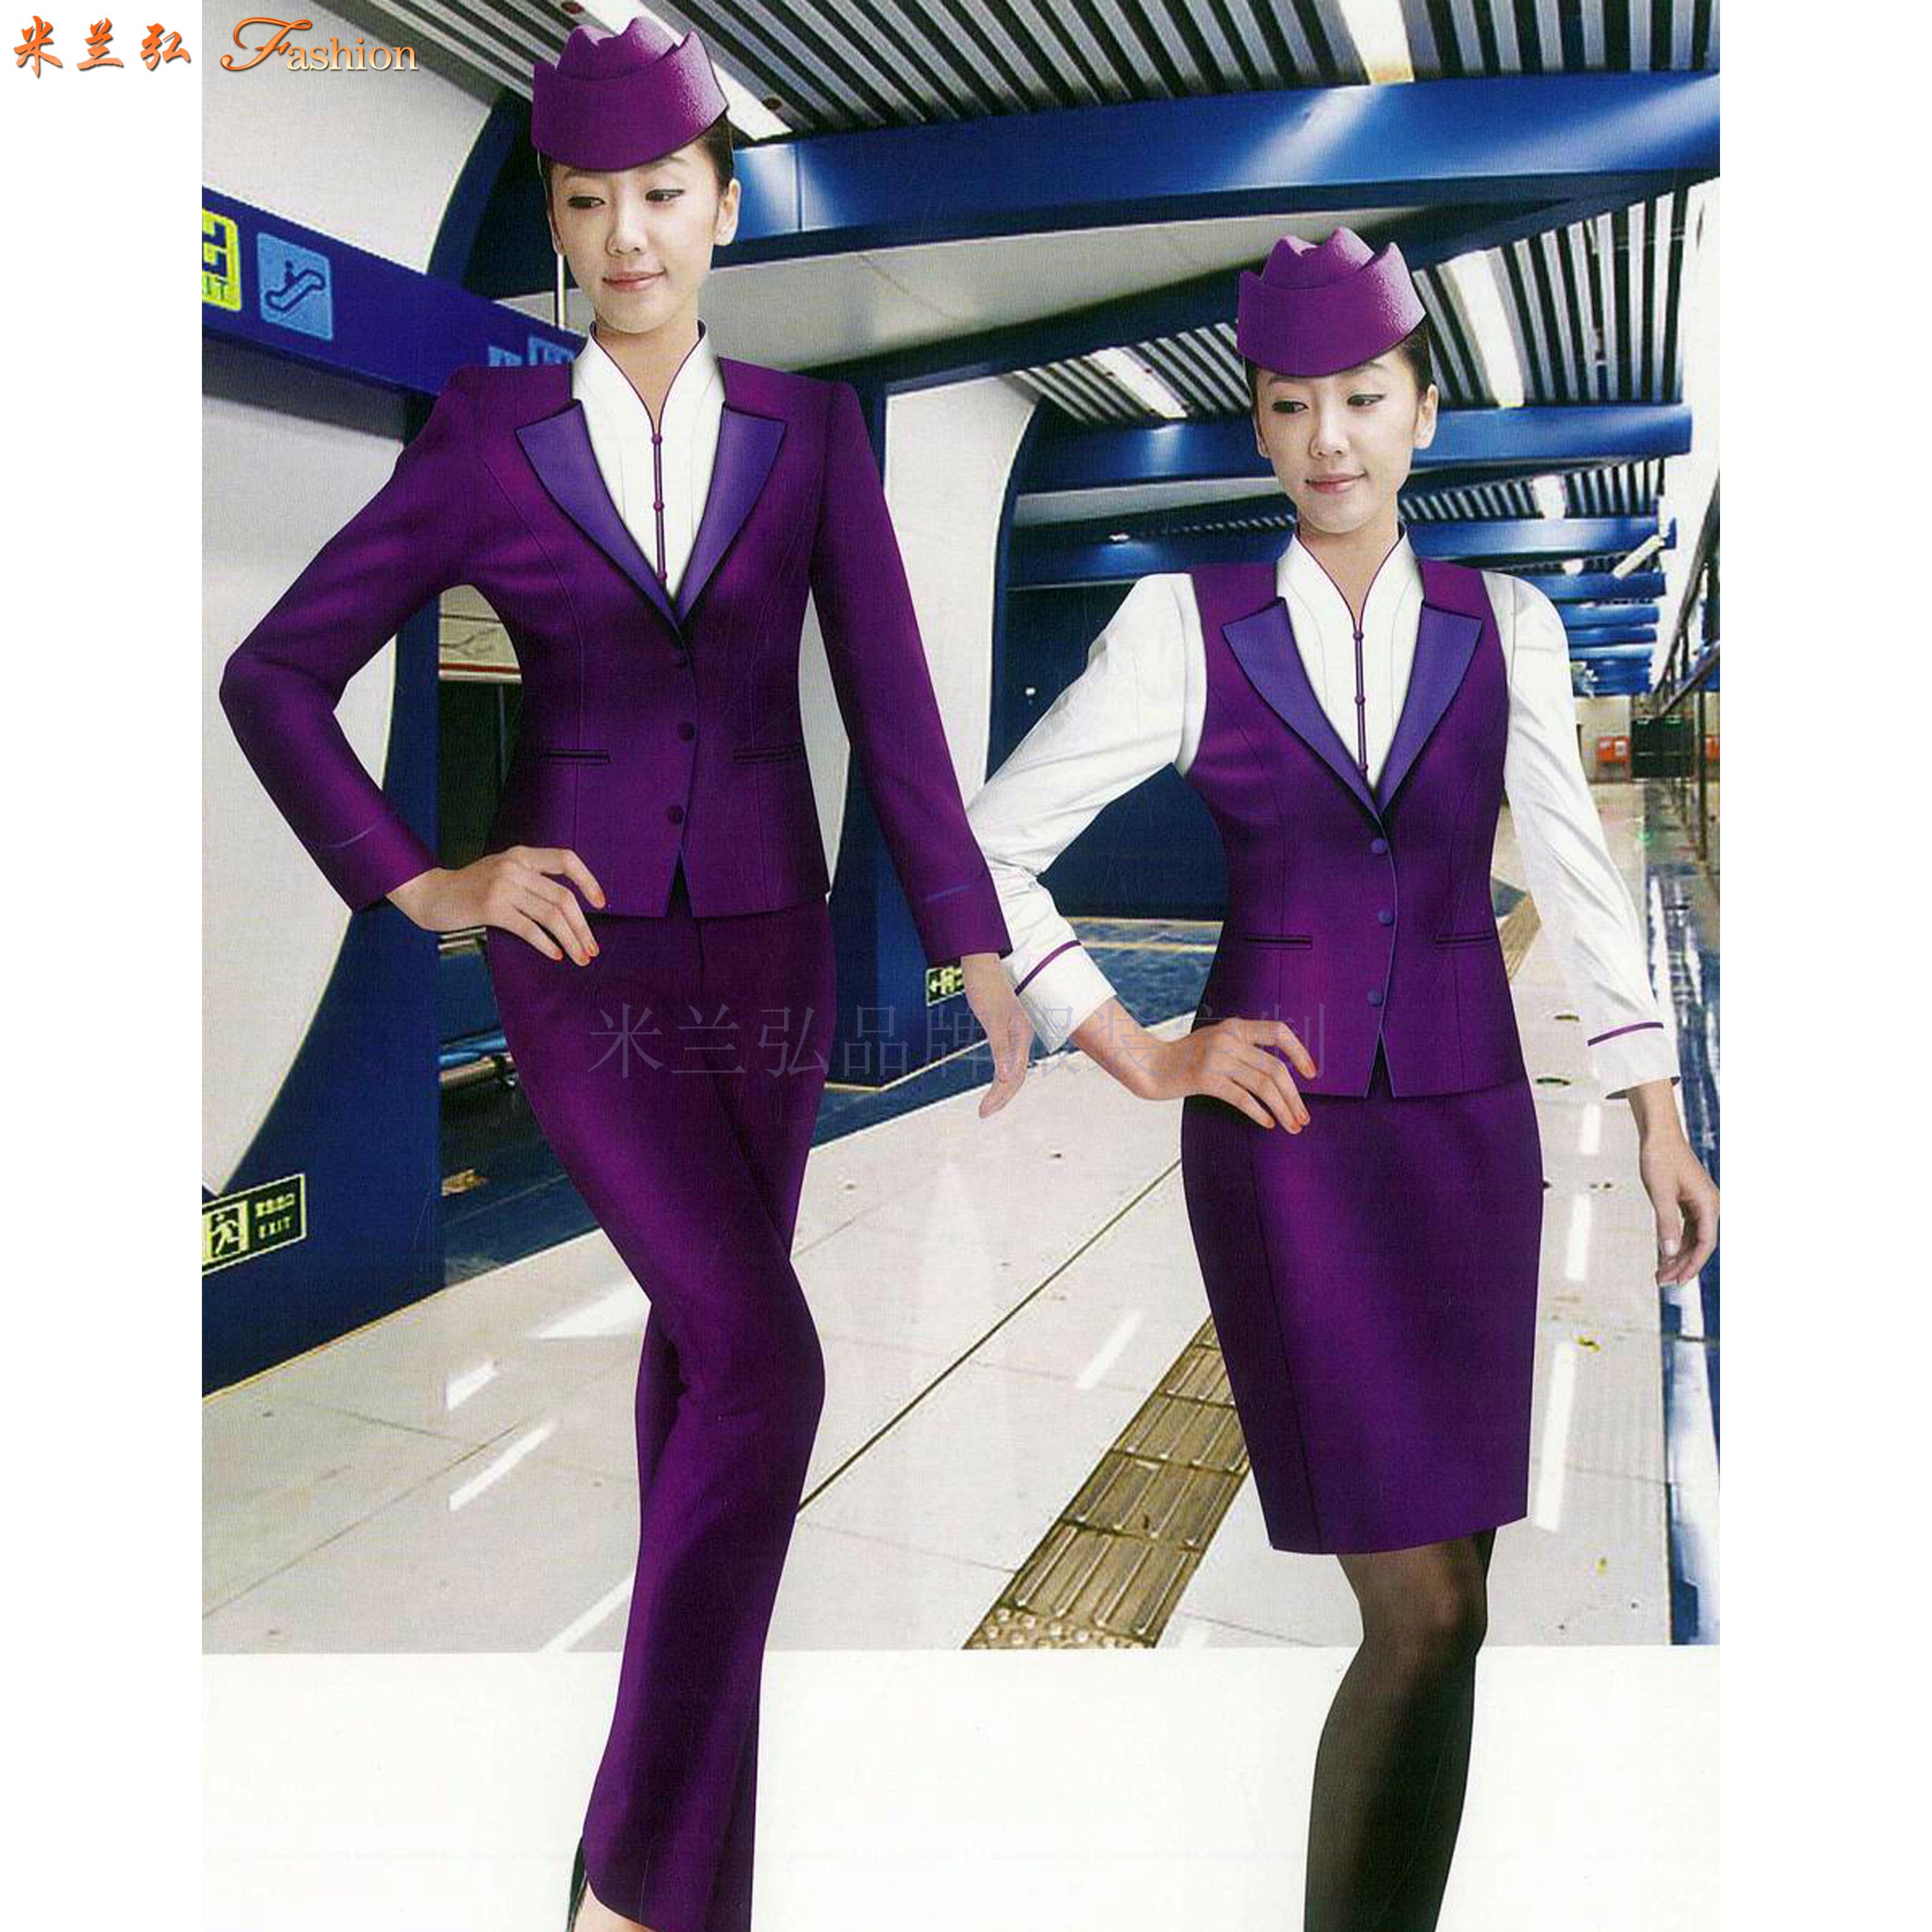 -高鐵服裝-采購批發市場優質高鐵服裝價格品牌廠商_米蘭弘-5